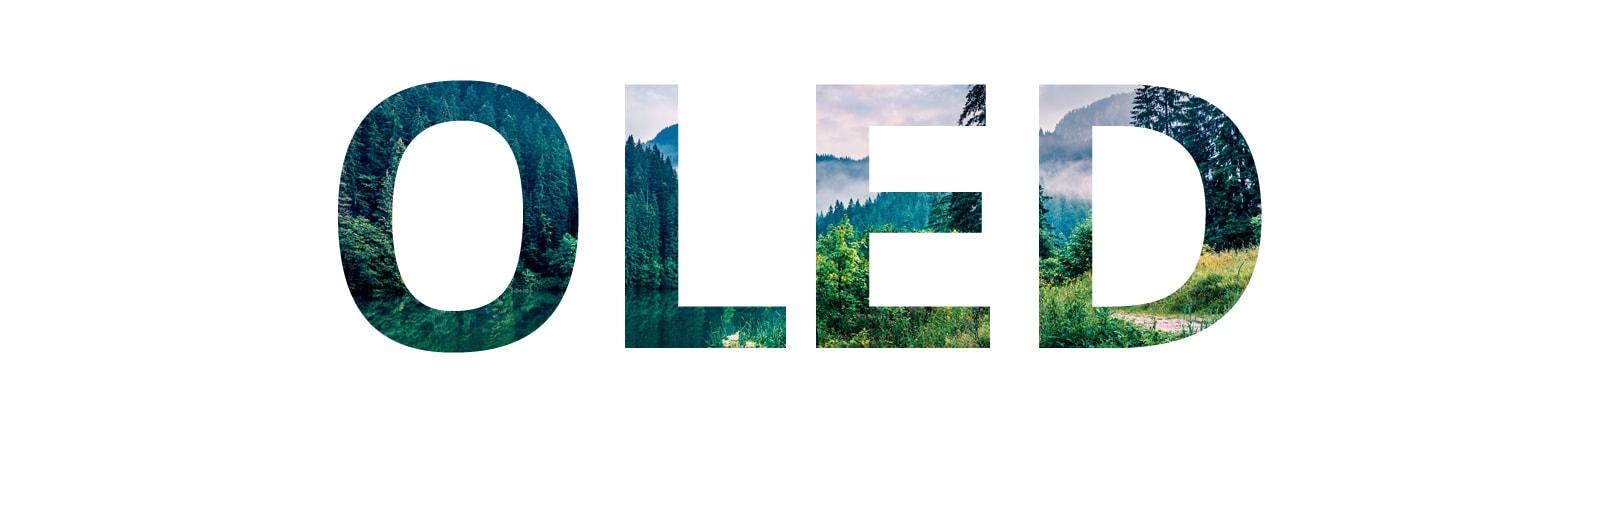 """صورة طبيعية تظهر بها كلمة """"OLED"""" تنزلق من اليمين (تشغيل الفيديو)"""